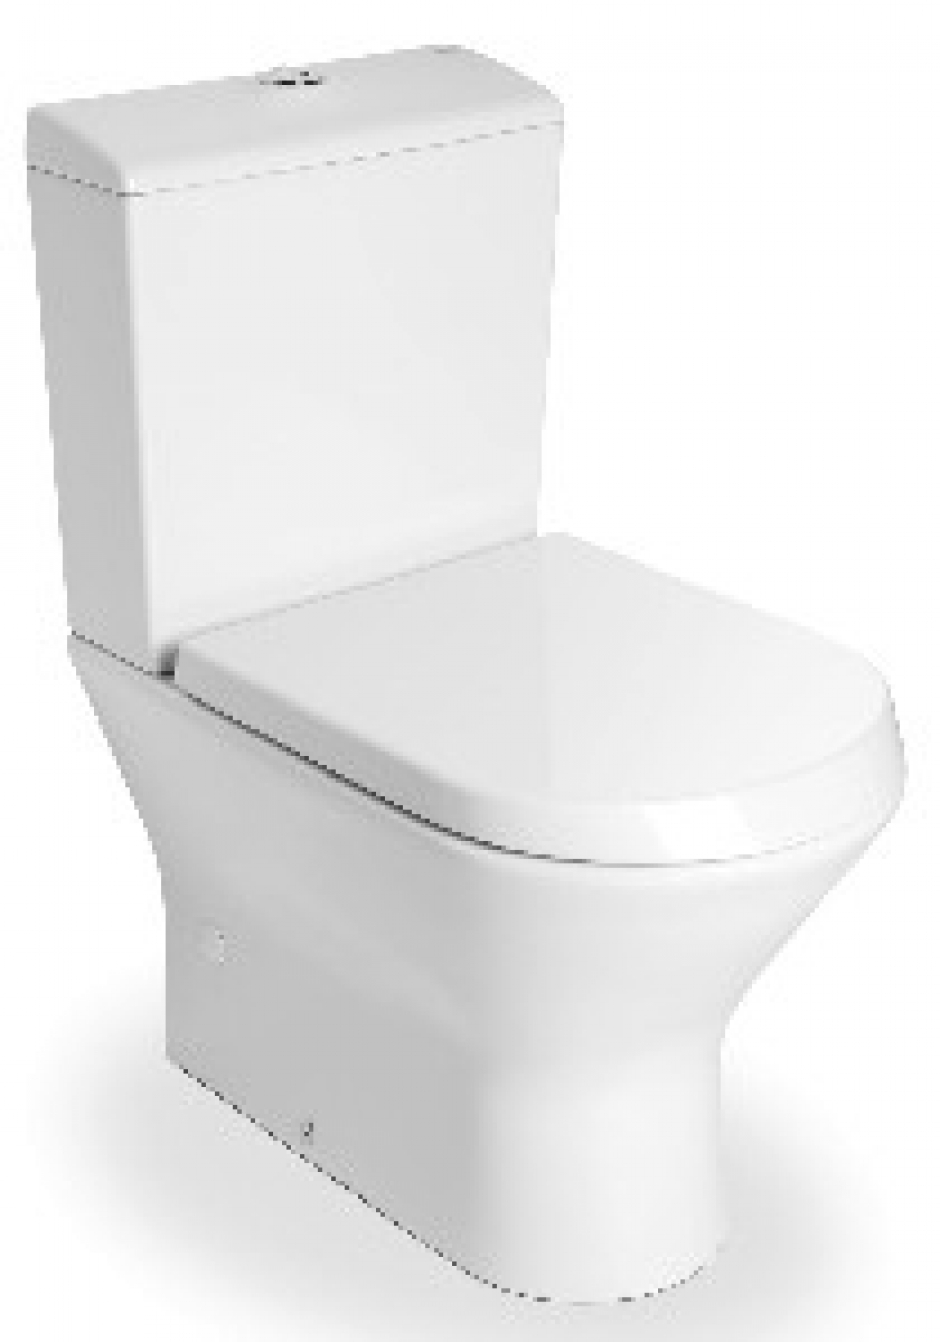 salle de bain pack wc pack wc nexo cuvette de wc vac duale r serv 3 6 litres alim. Black Bedroom Furniture Sets. Home Design Ideas